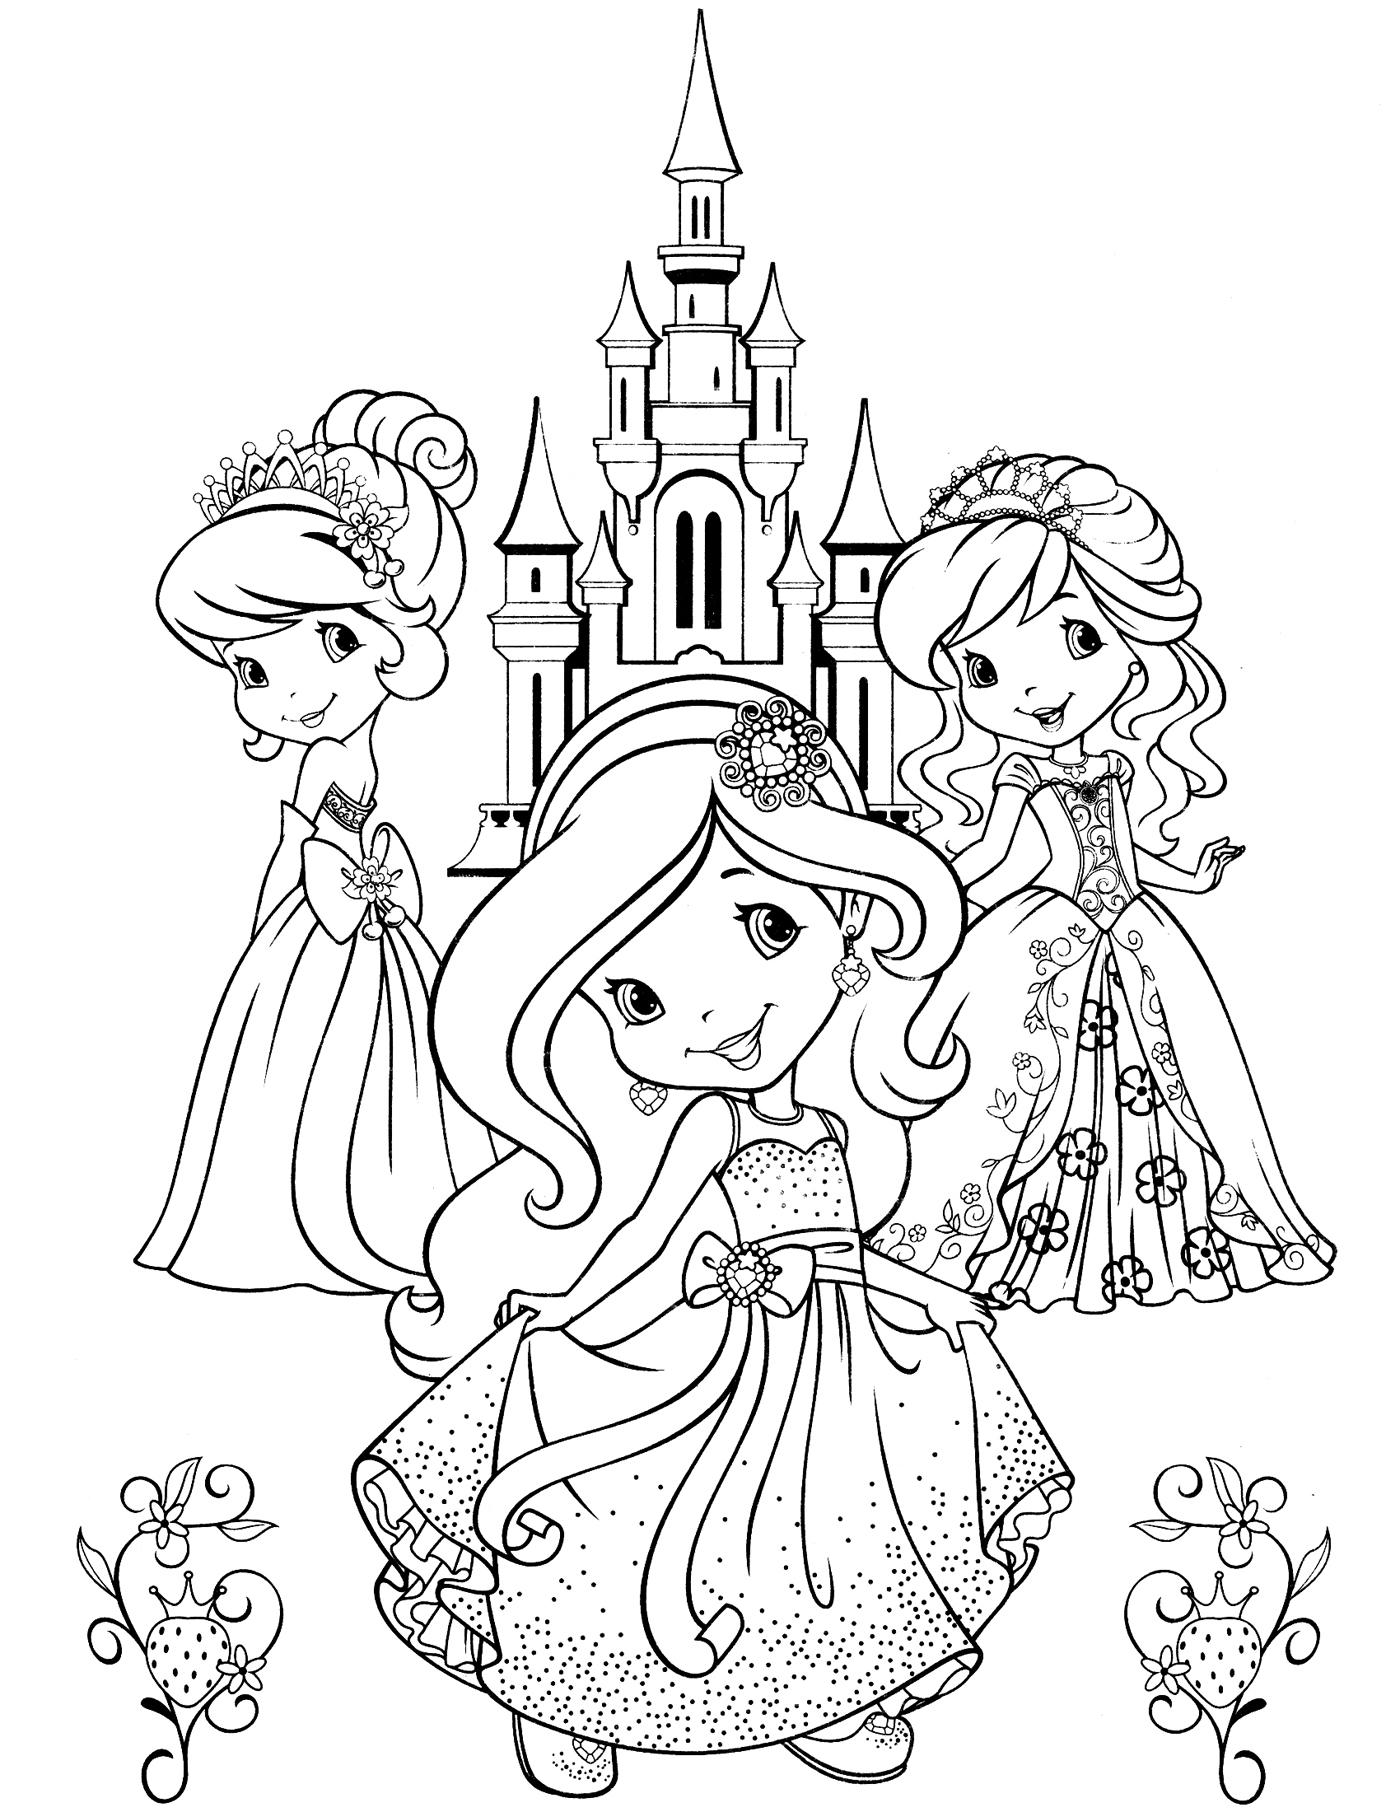 Три принцессы возле замка Раскраски для девочек онлайн